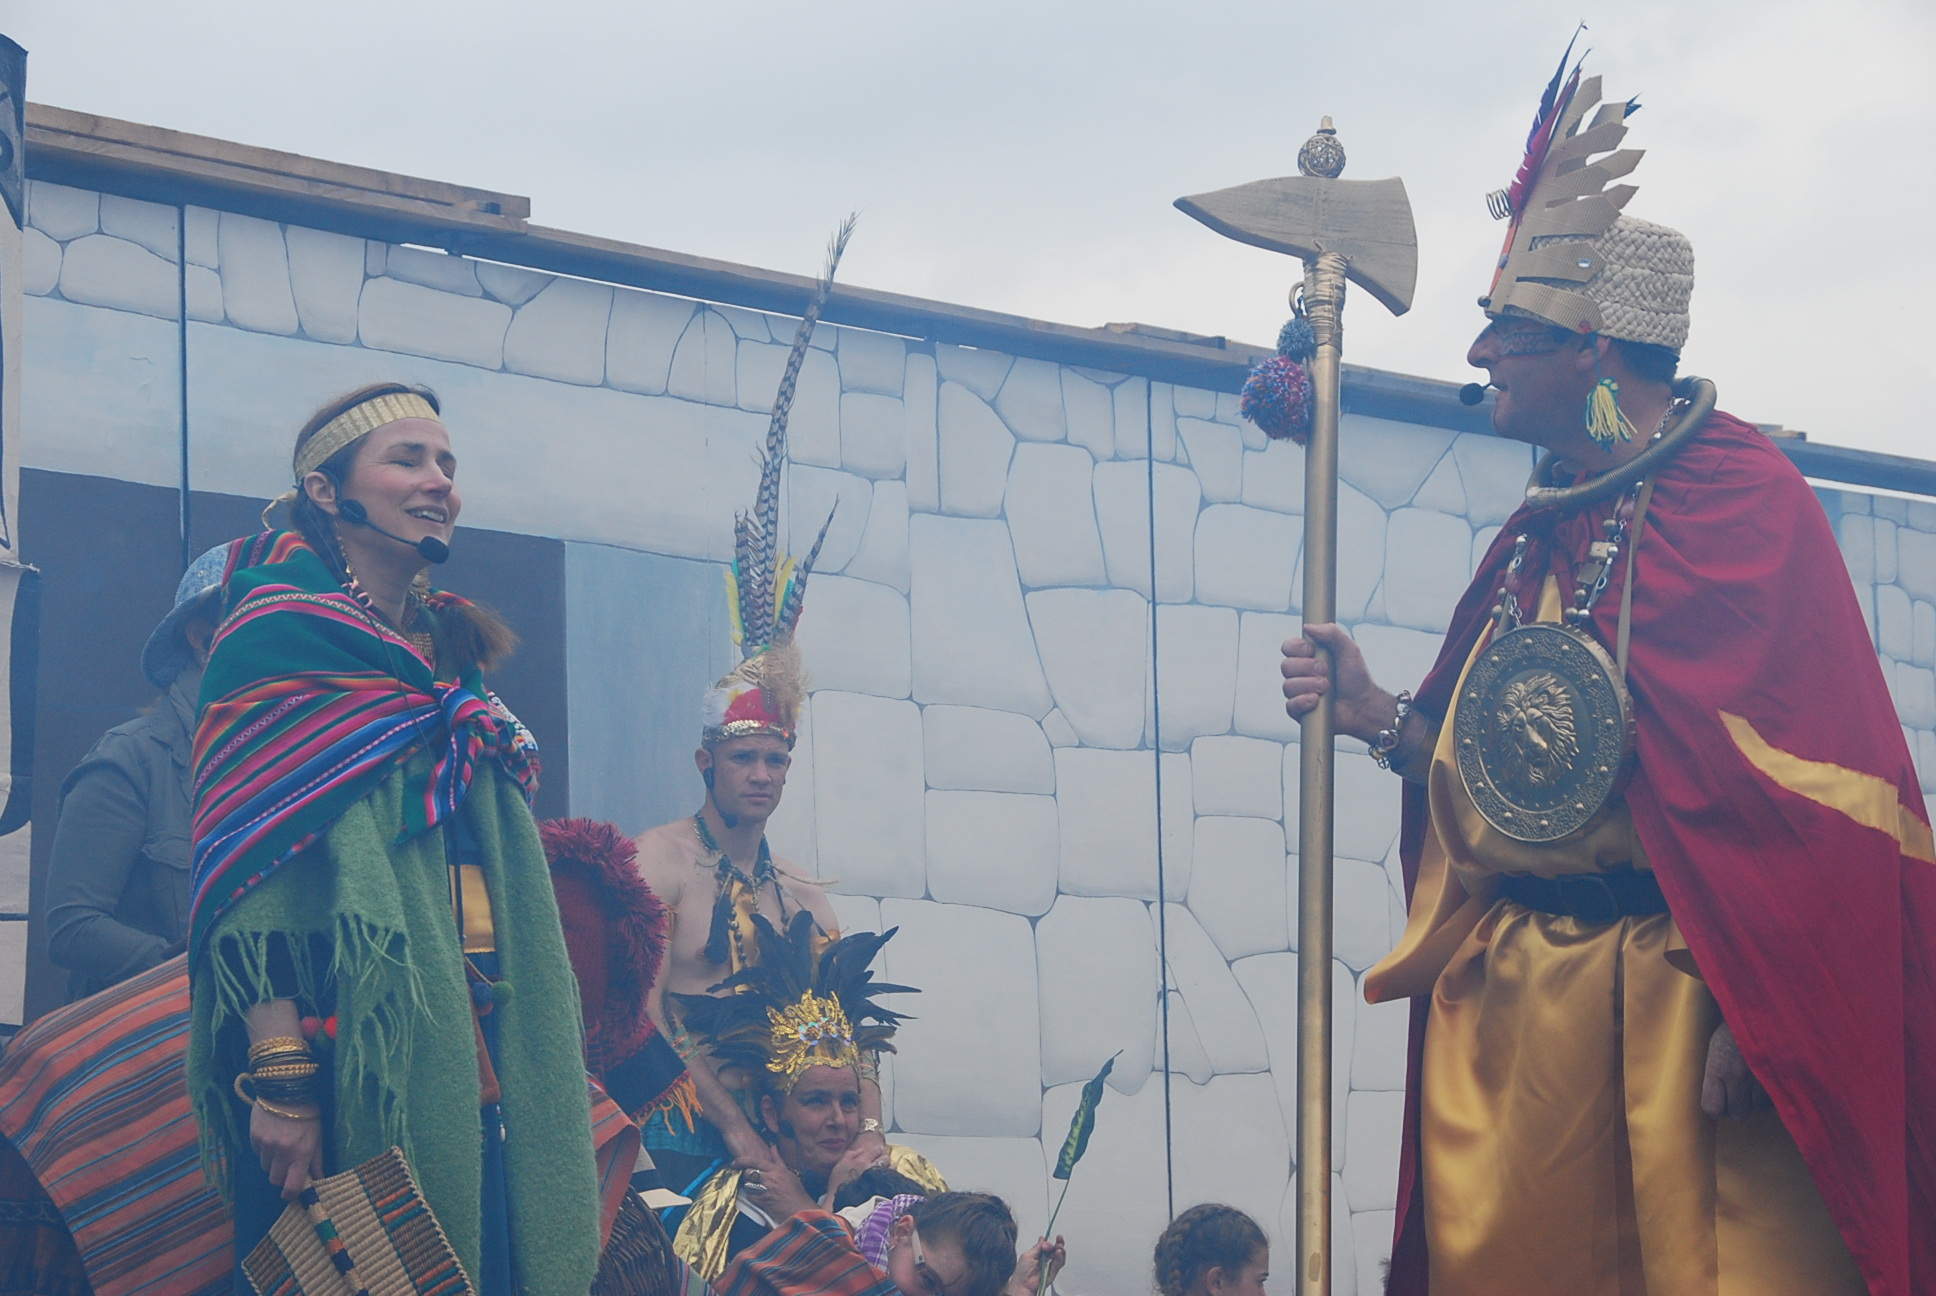 Costumes, décors, accessoires : les idées ne manquent pas pour épater le public.